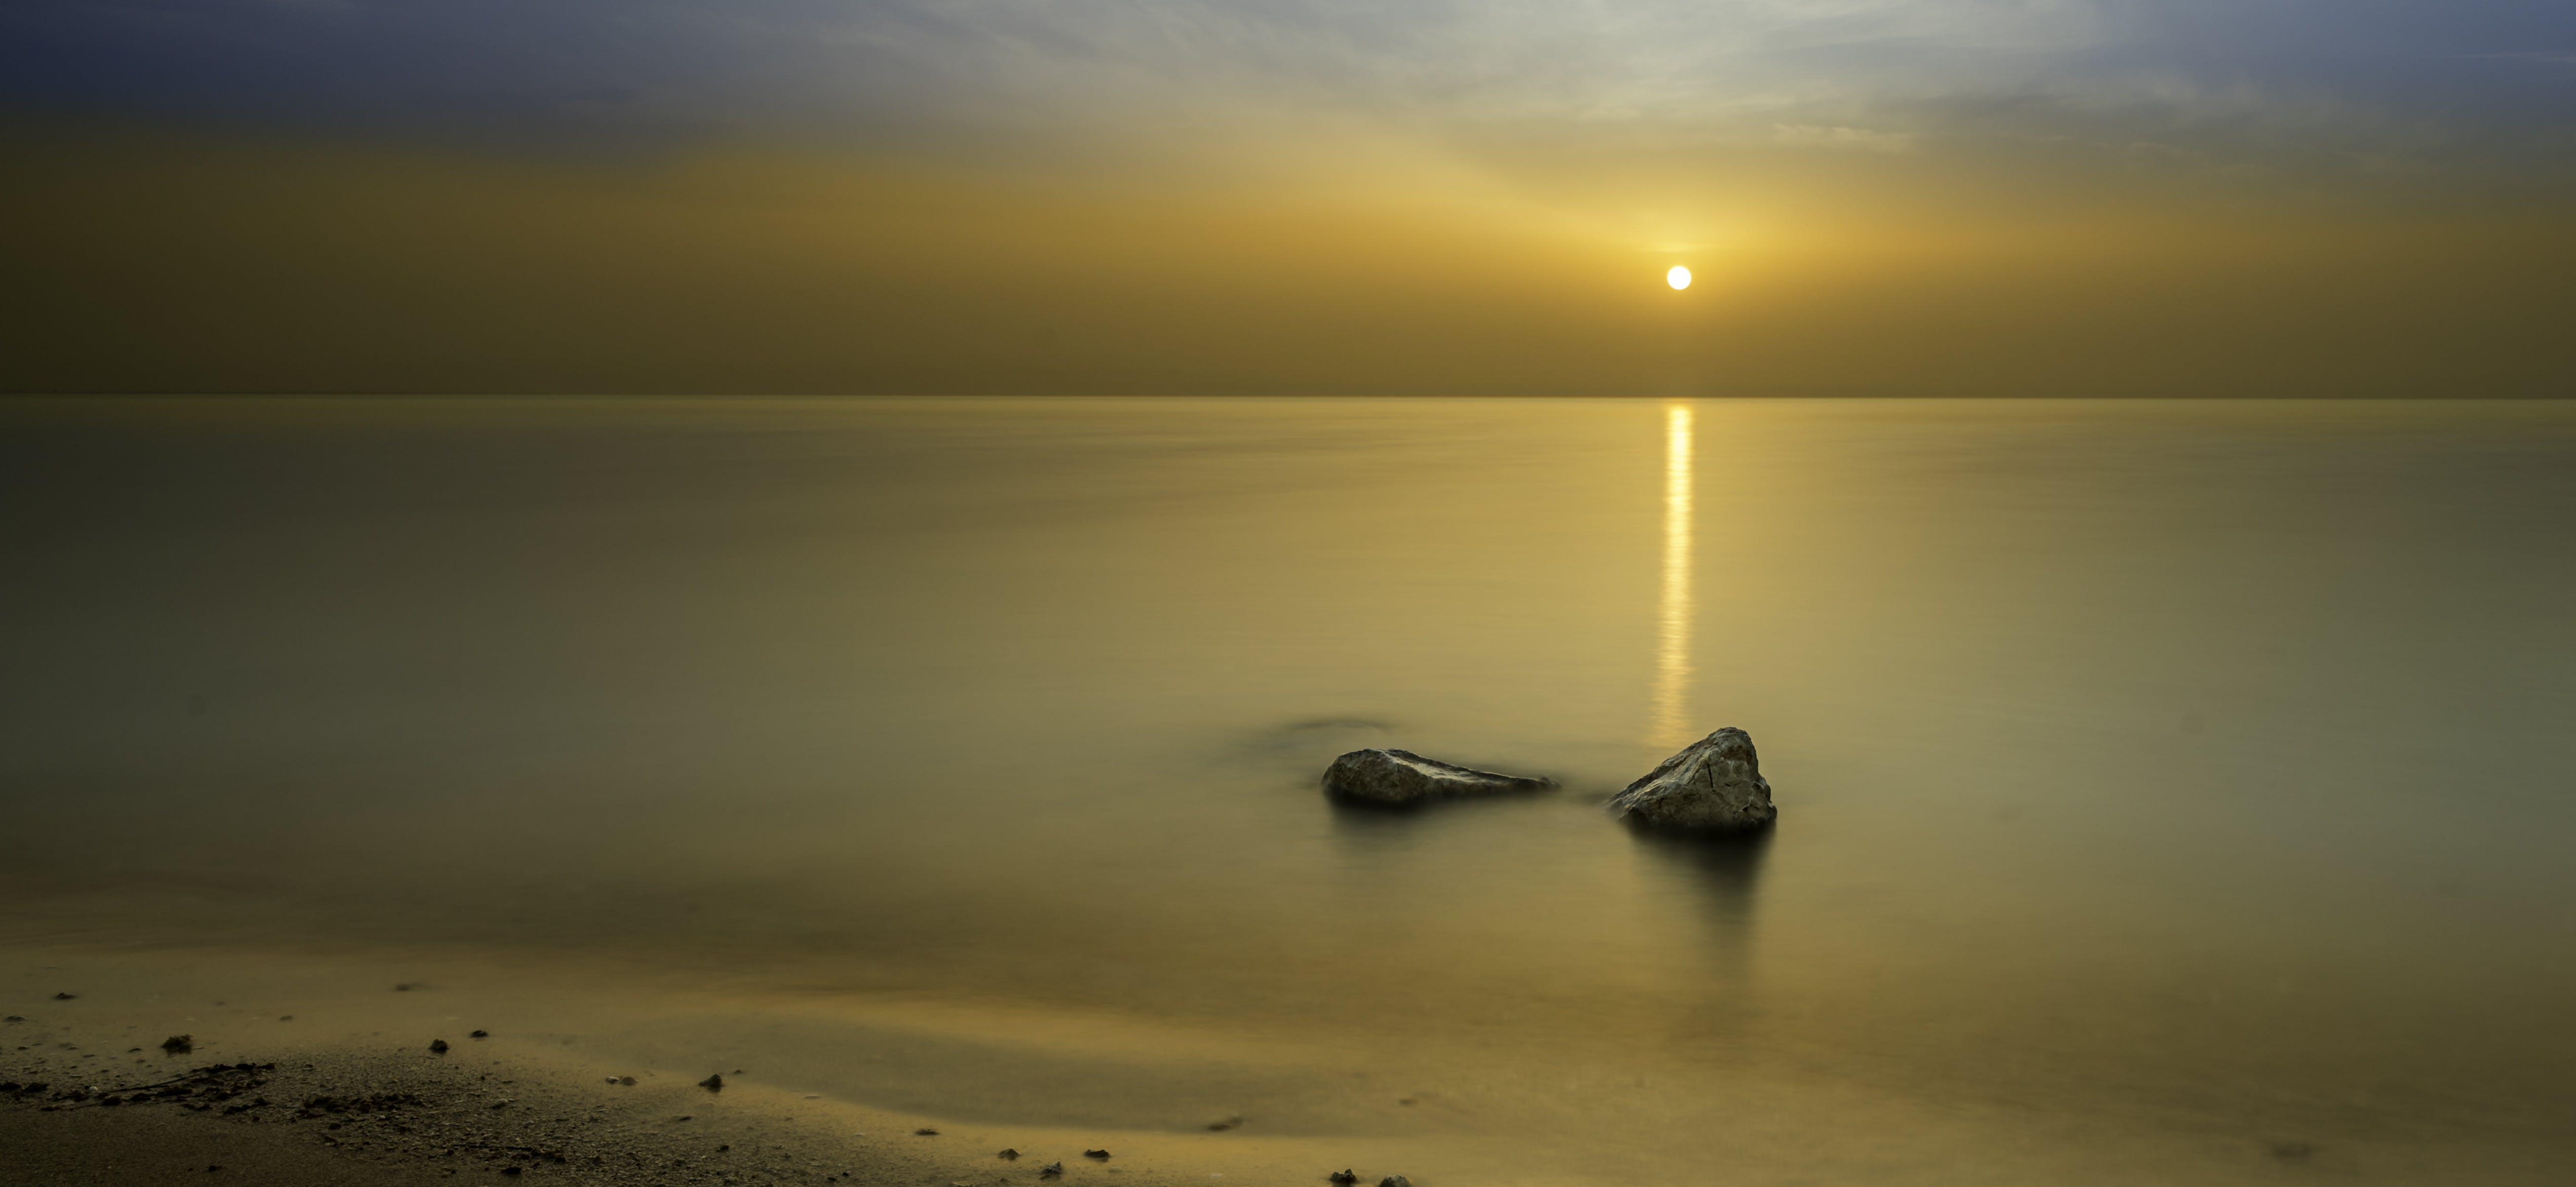 Free stock photo of landscape, sunset